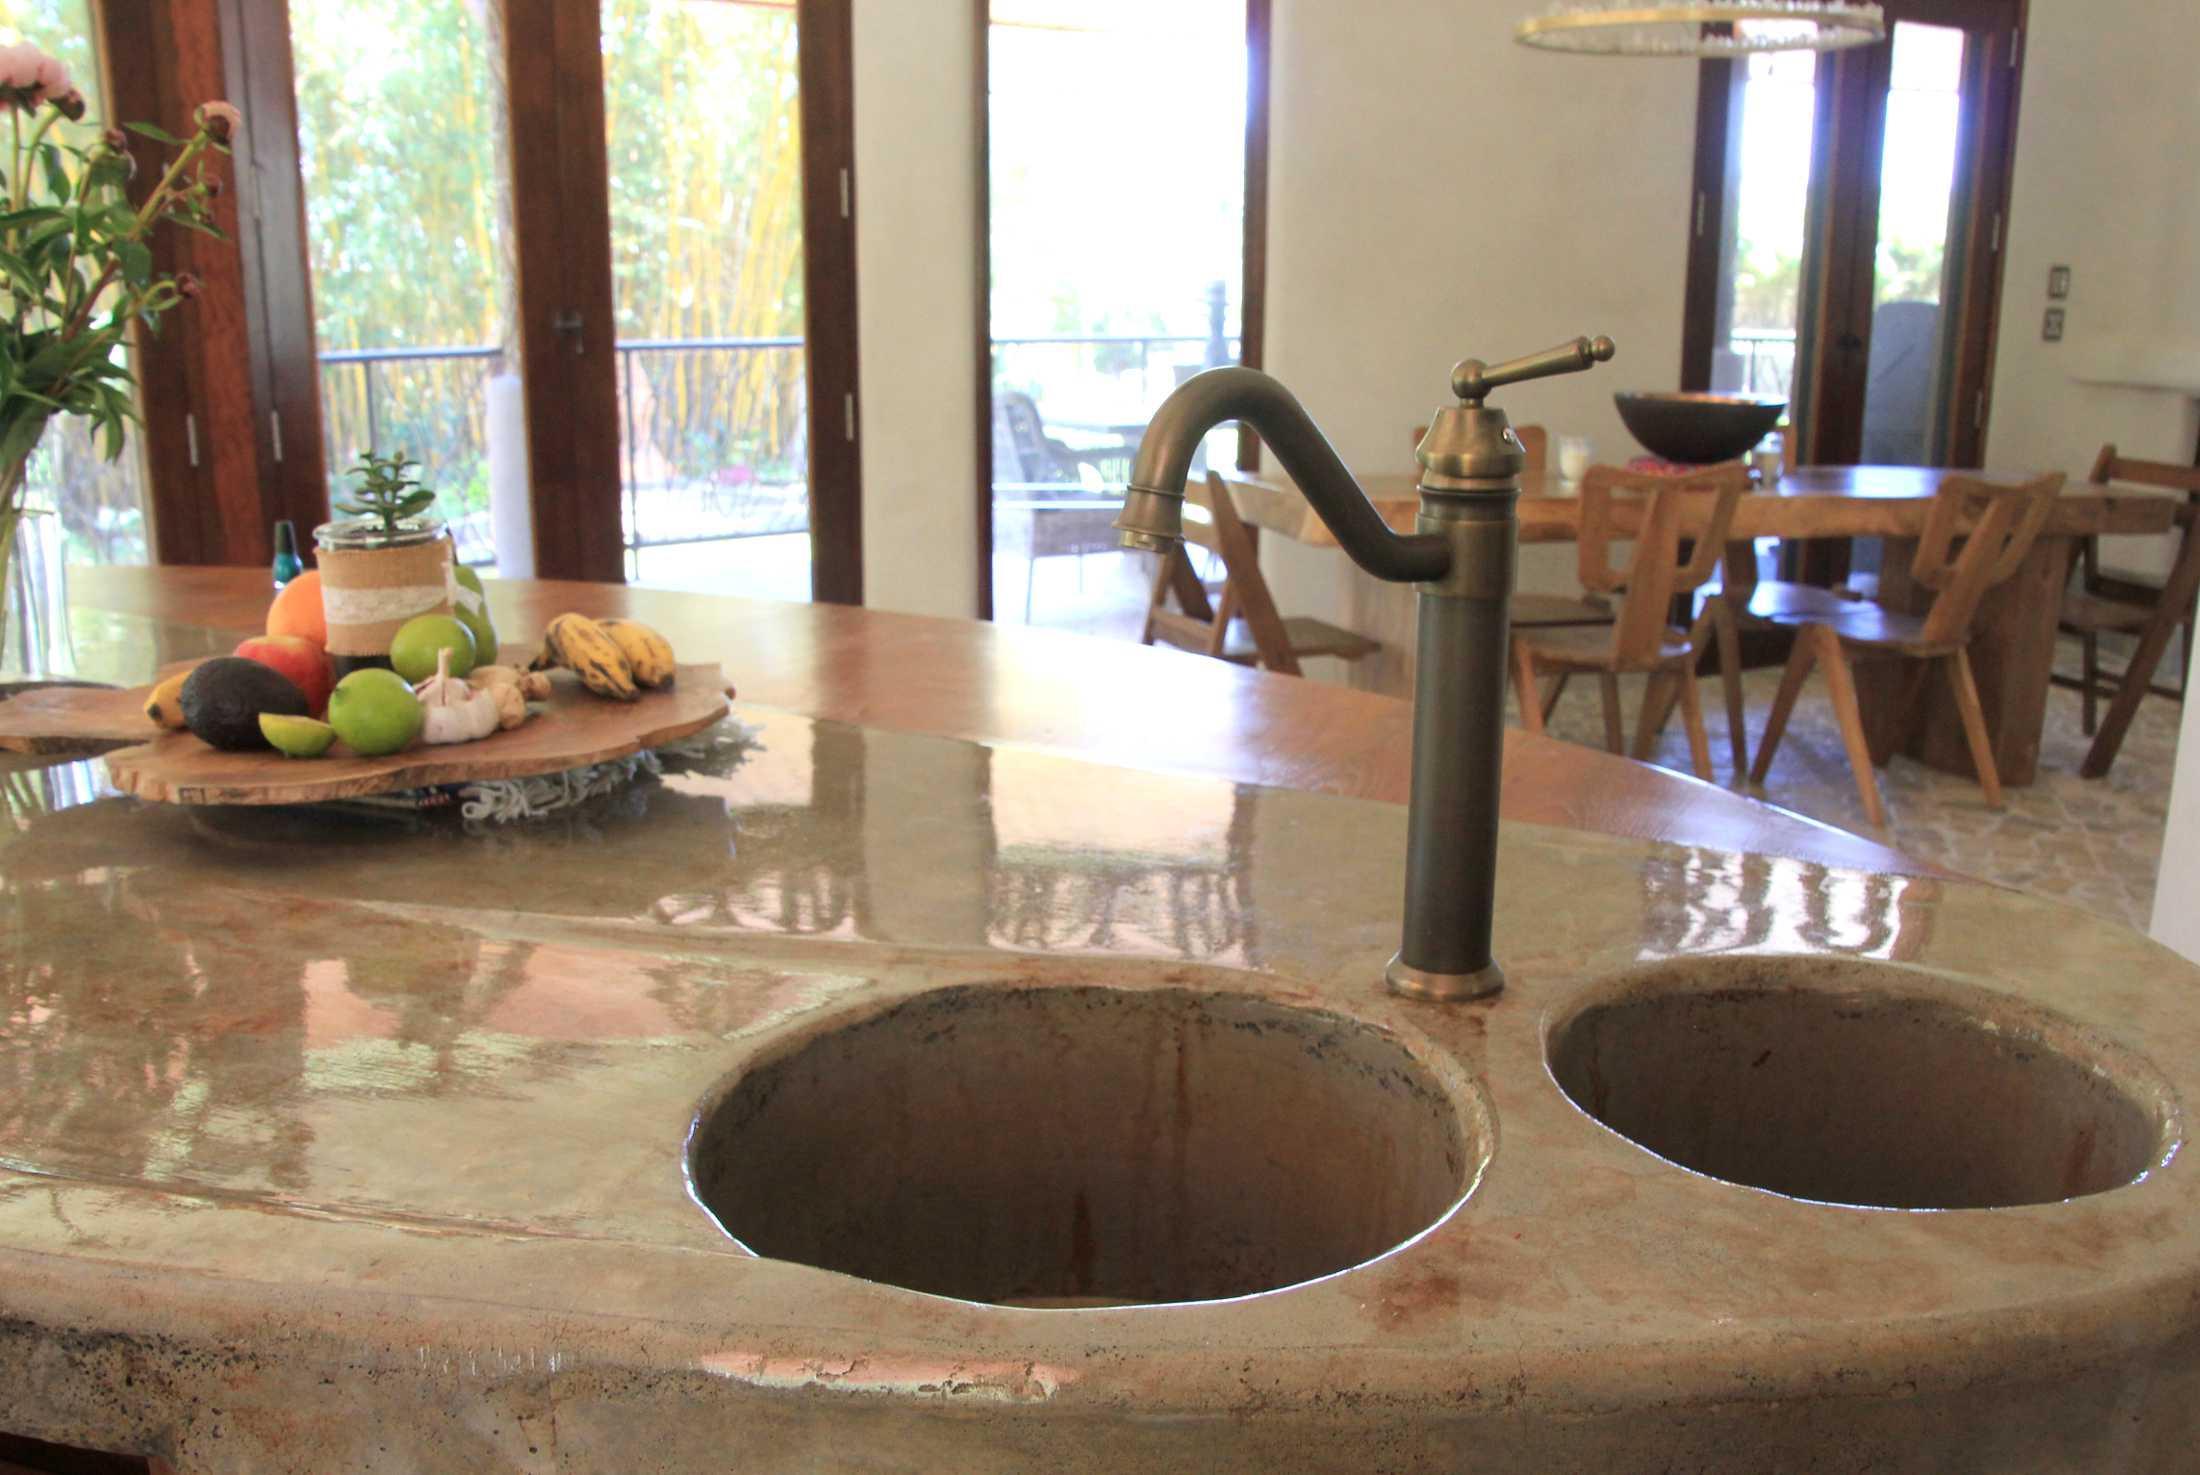 Handmade concrete kitchen island counter & sink